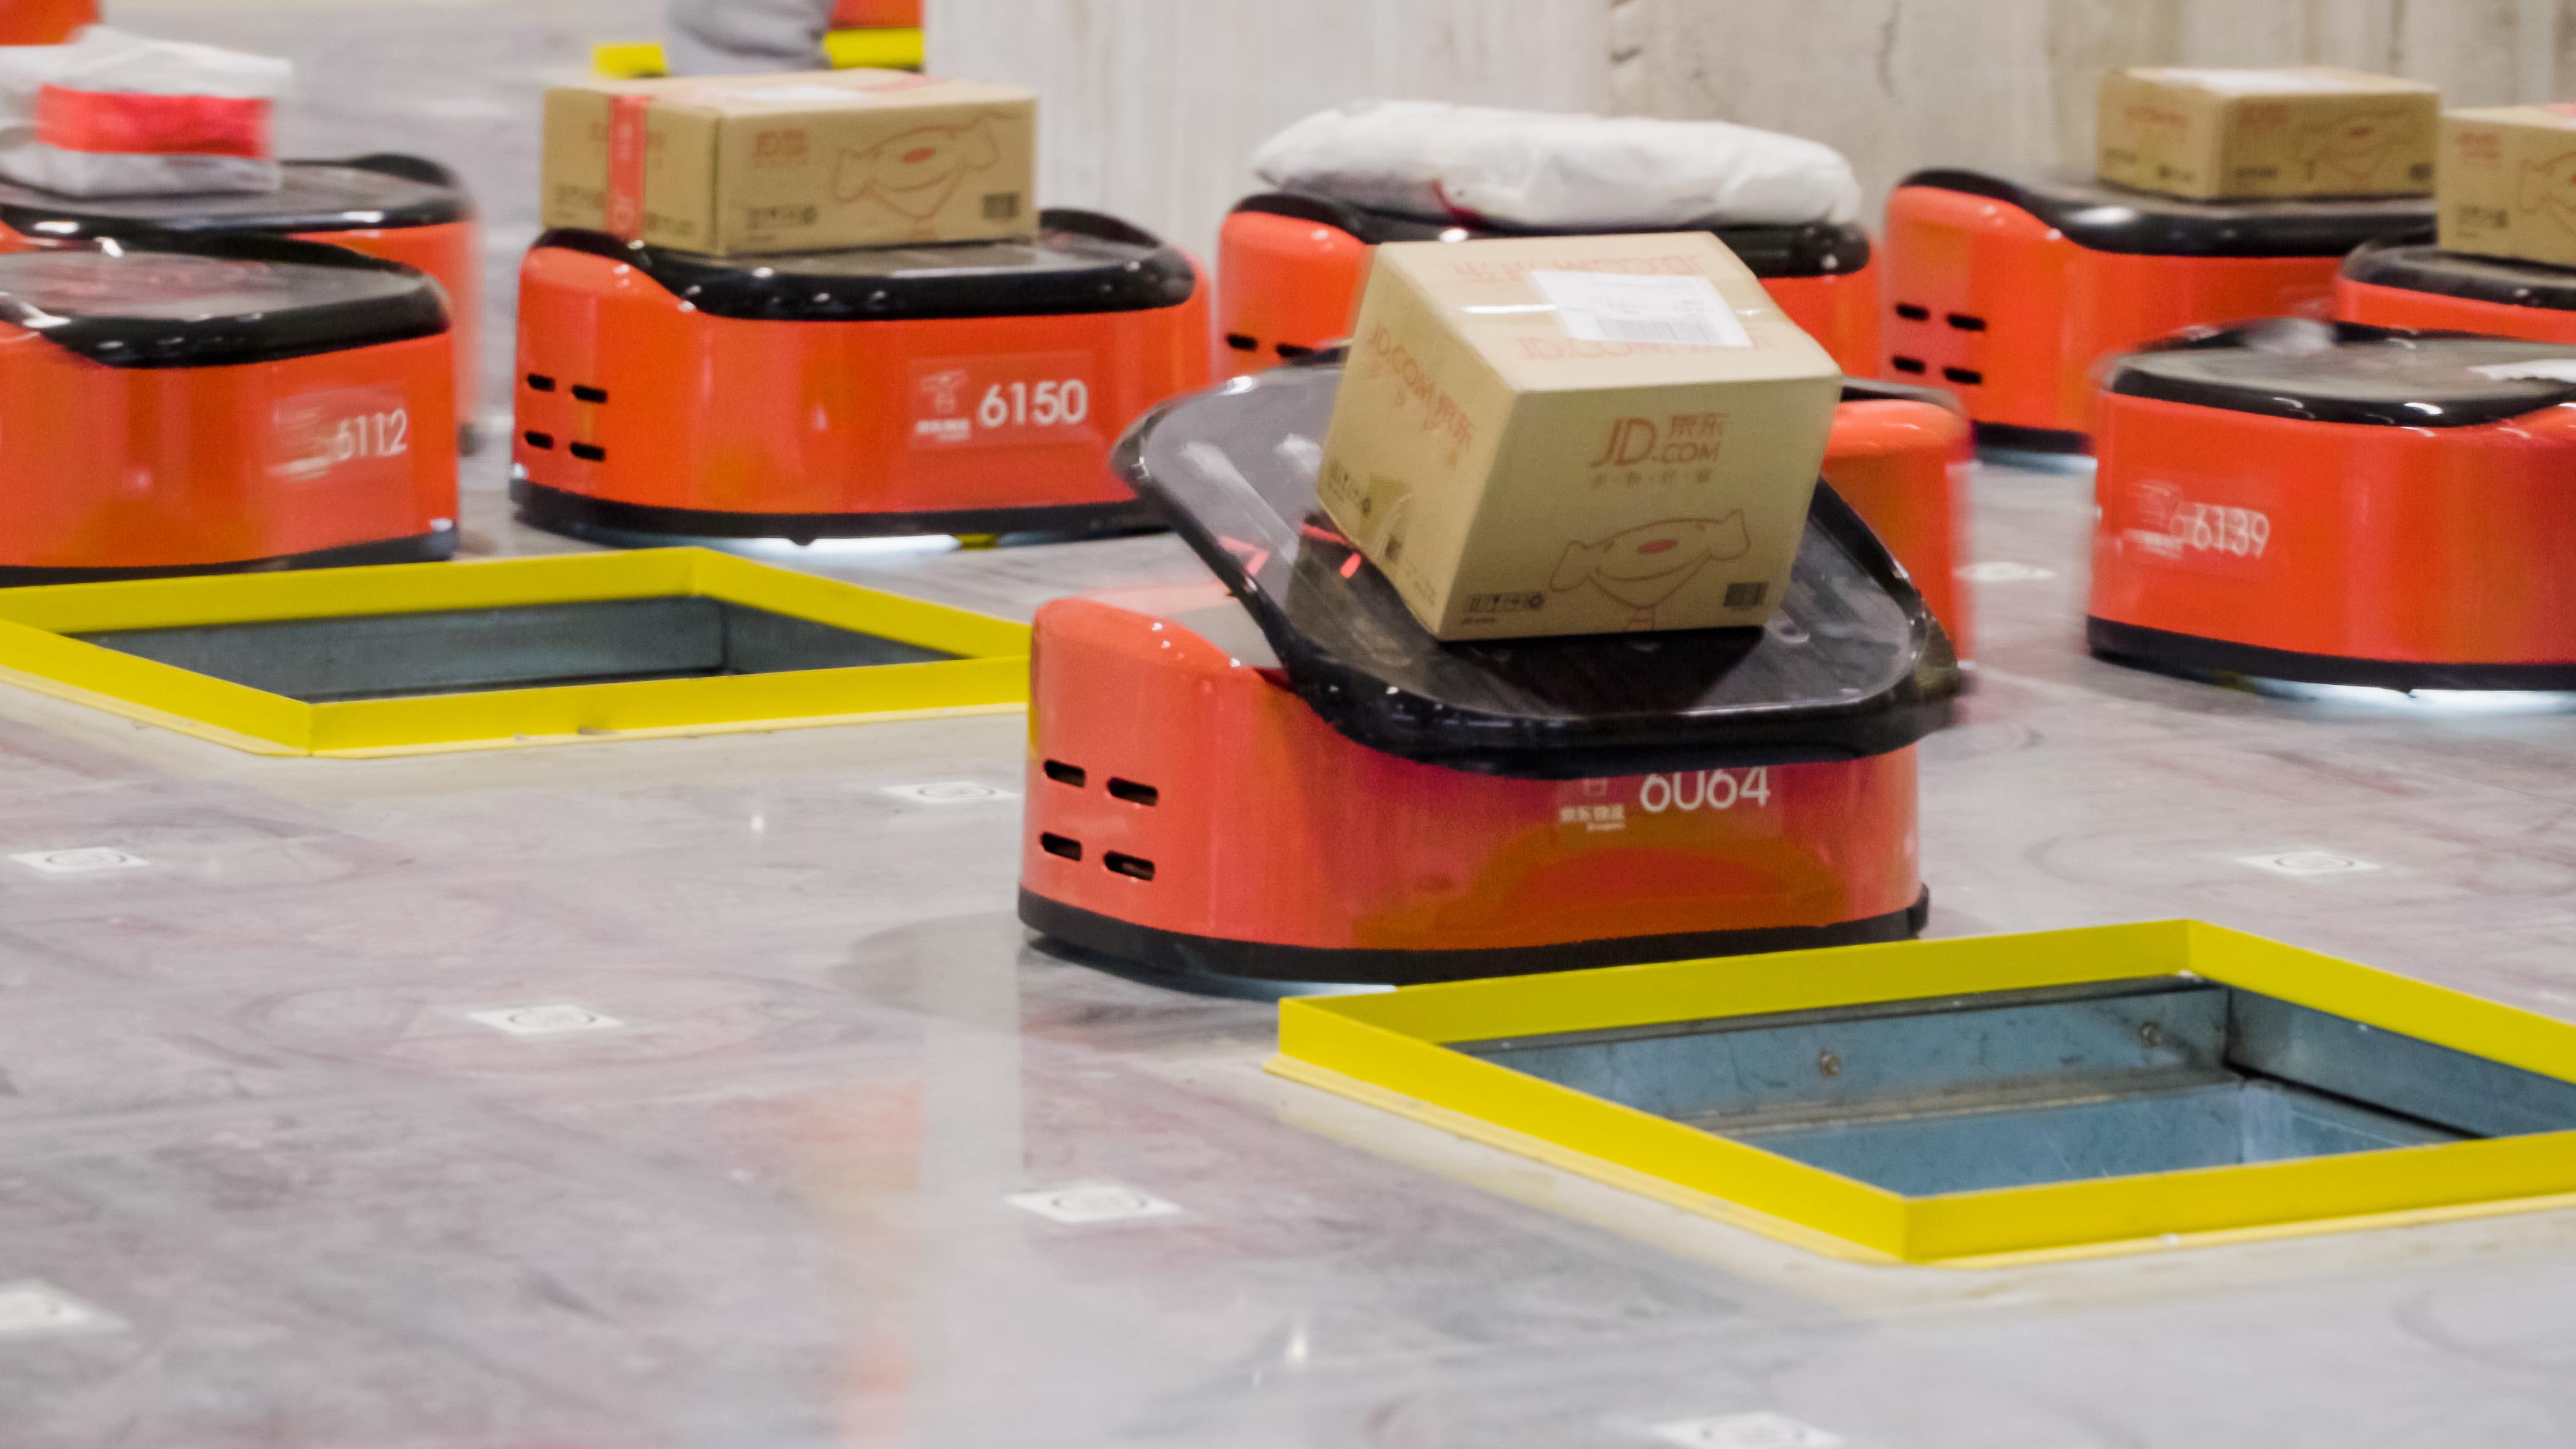 JD's autonomous warehouse robots.